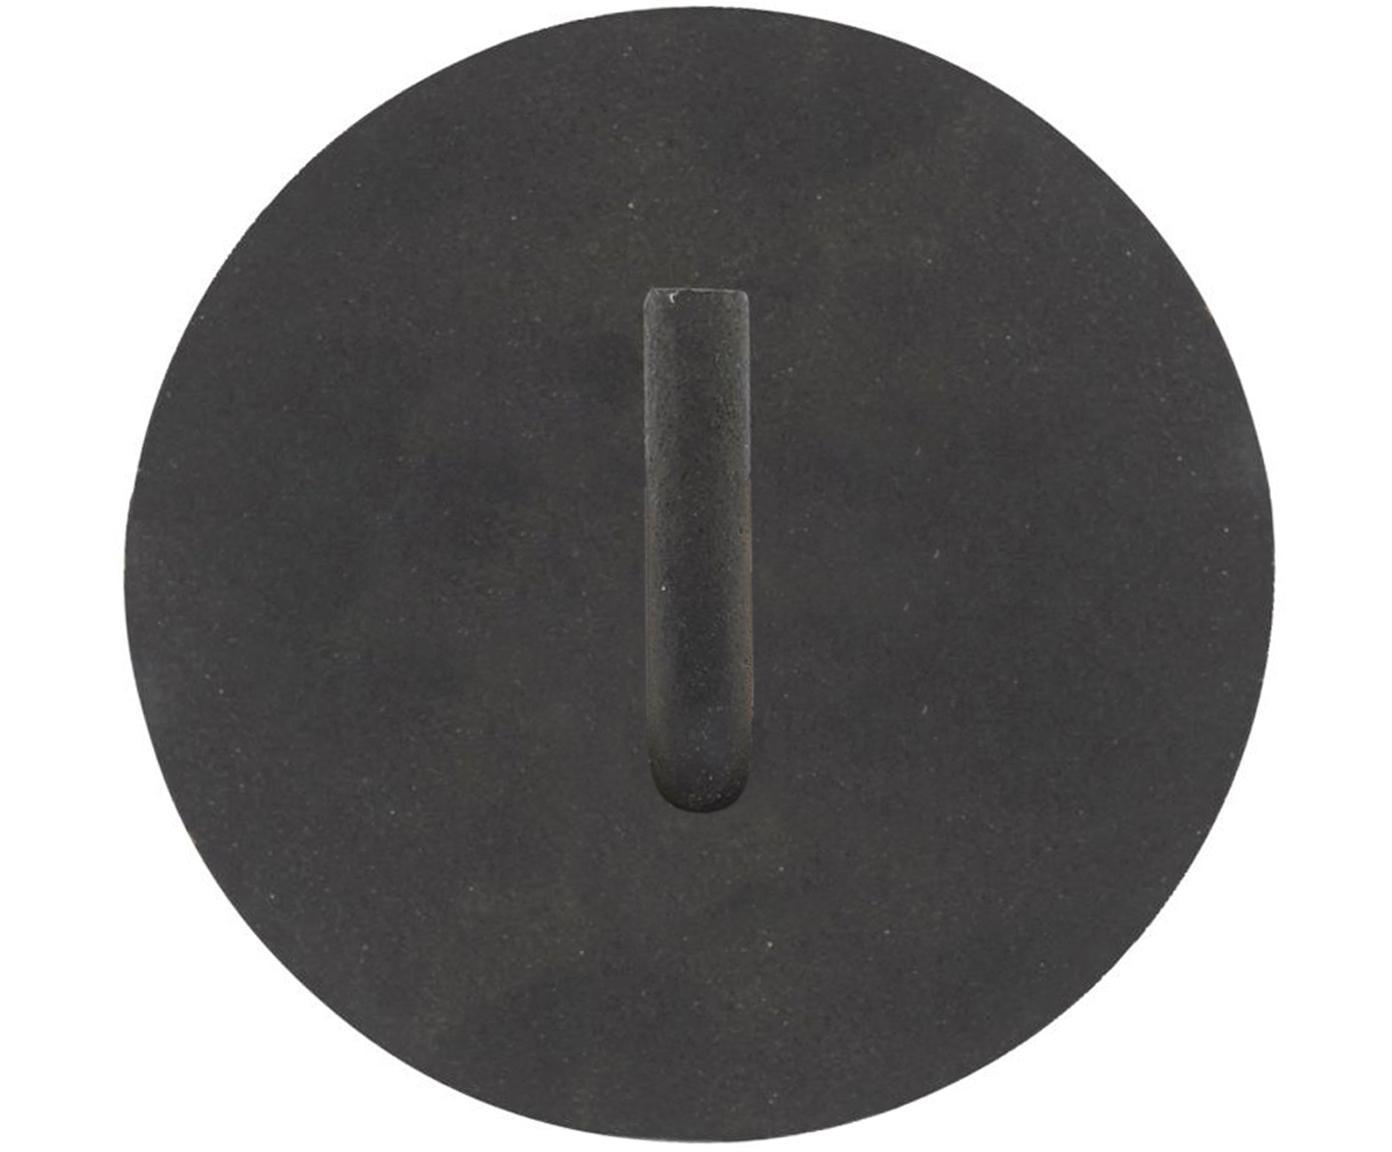 Metall-Wandhaken Lema, Aluminium, beschichtet, Schwarz, Ø 13 x T 12 cm